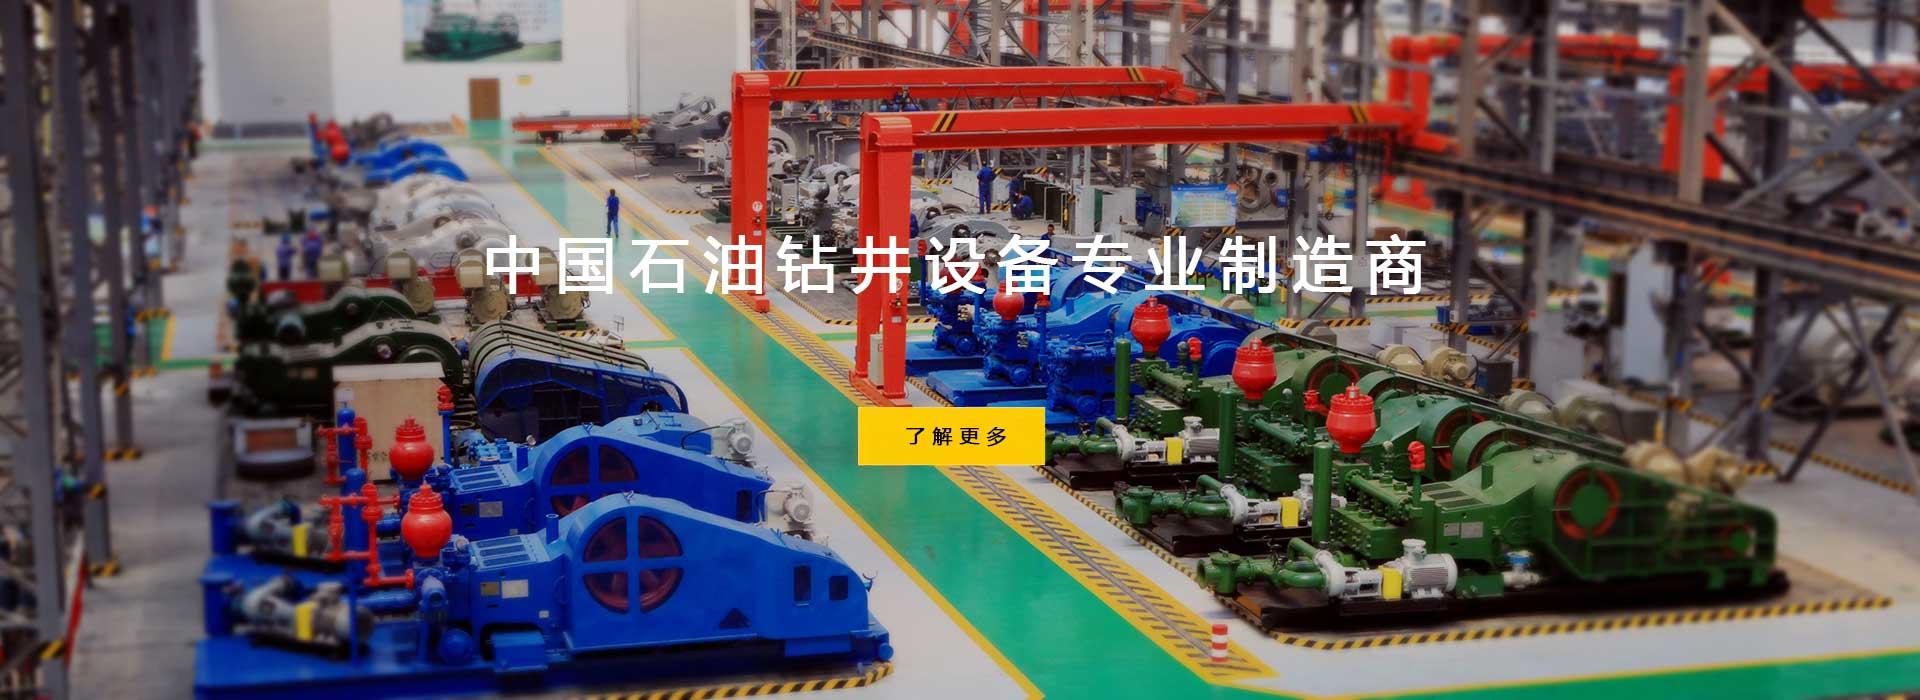 中国石油钻井设备专业制造商。